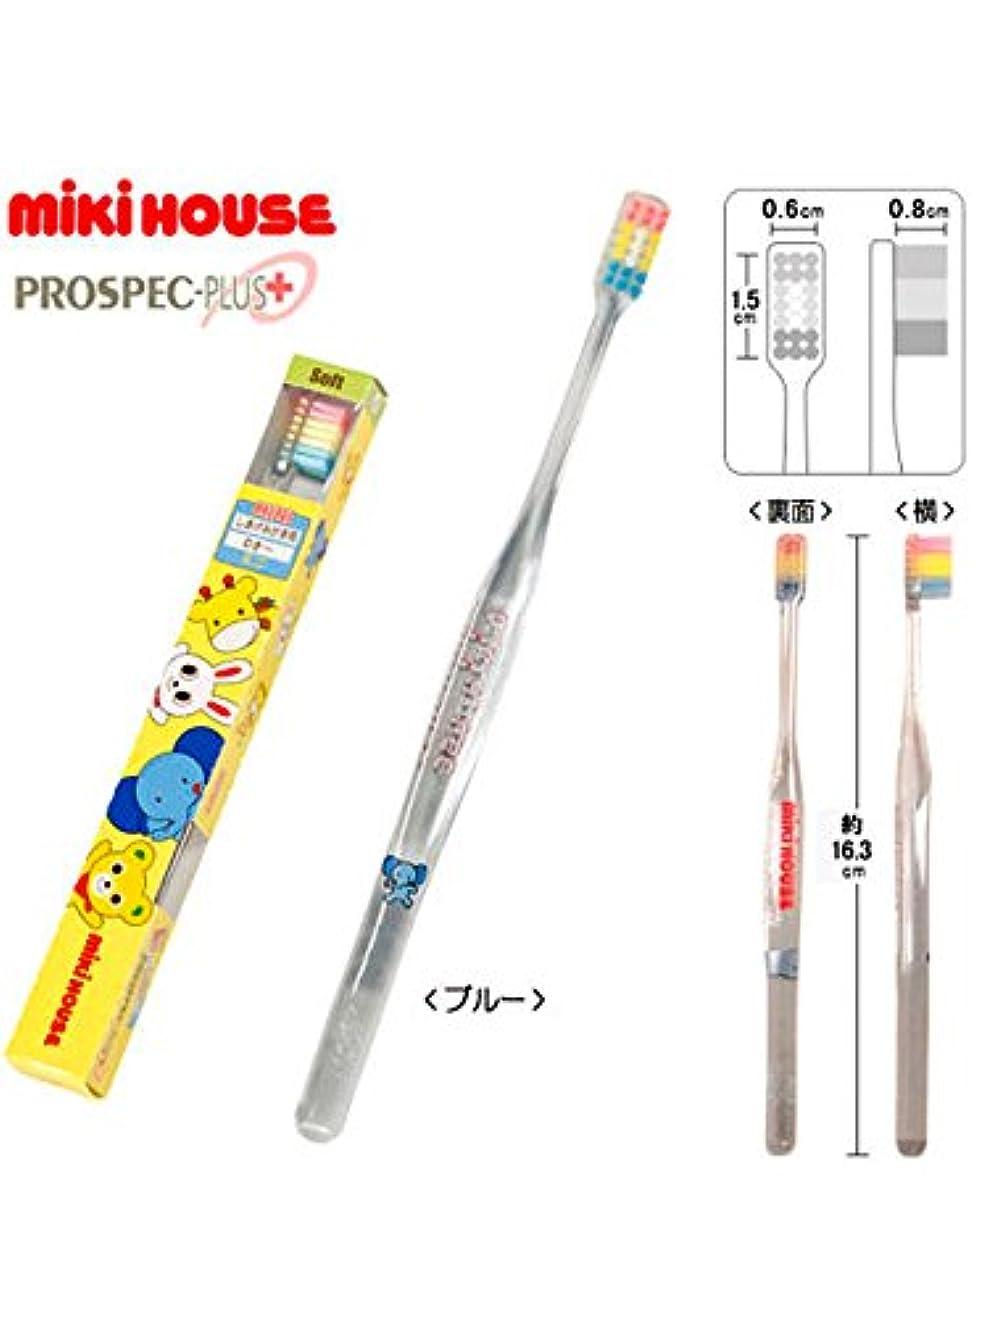 津波伝統分解する[ミキハウス] MIKIHOUSE 仕上げみがき用歯ブラシ 15-4063-670 ブルー